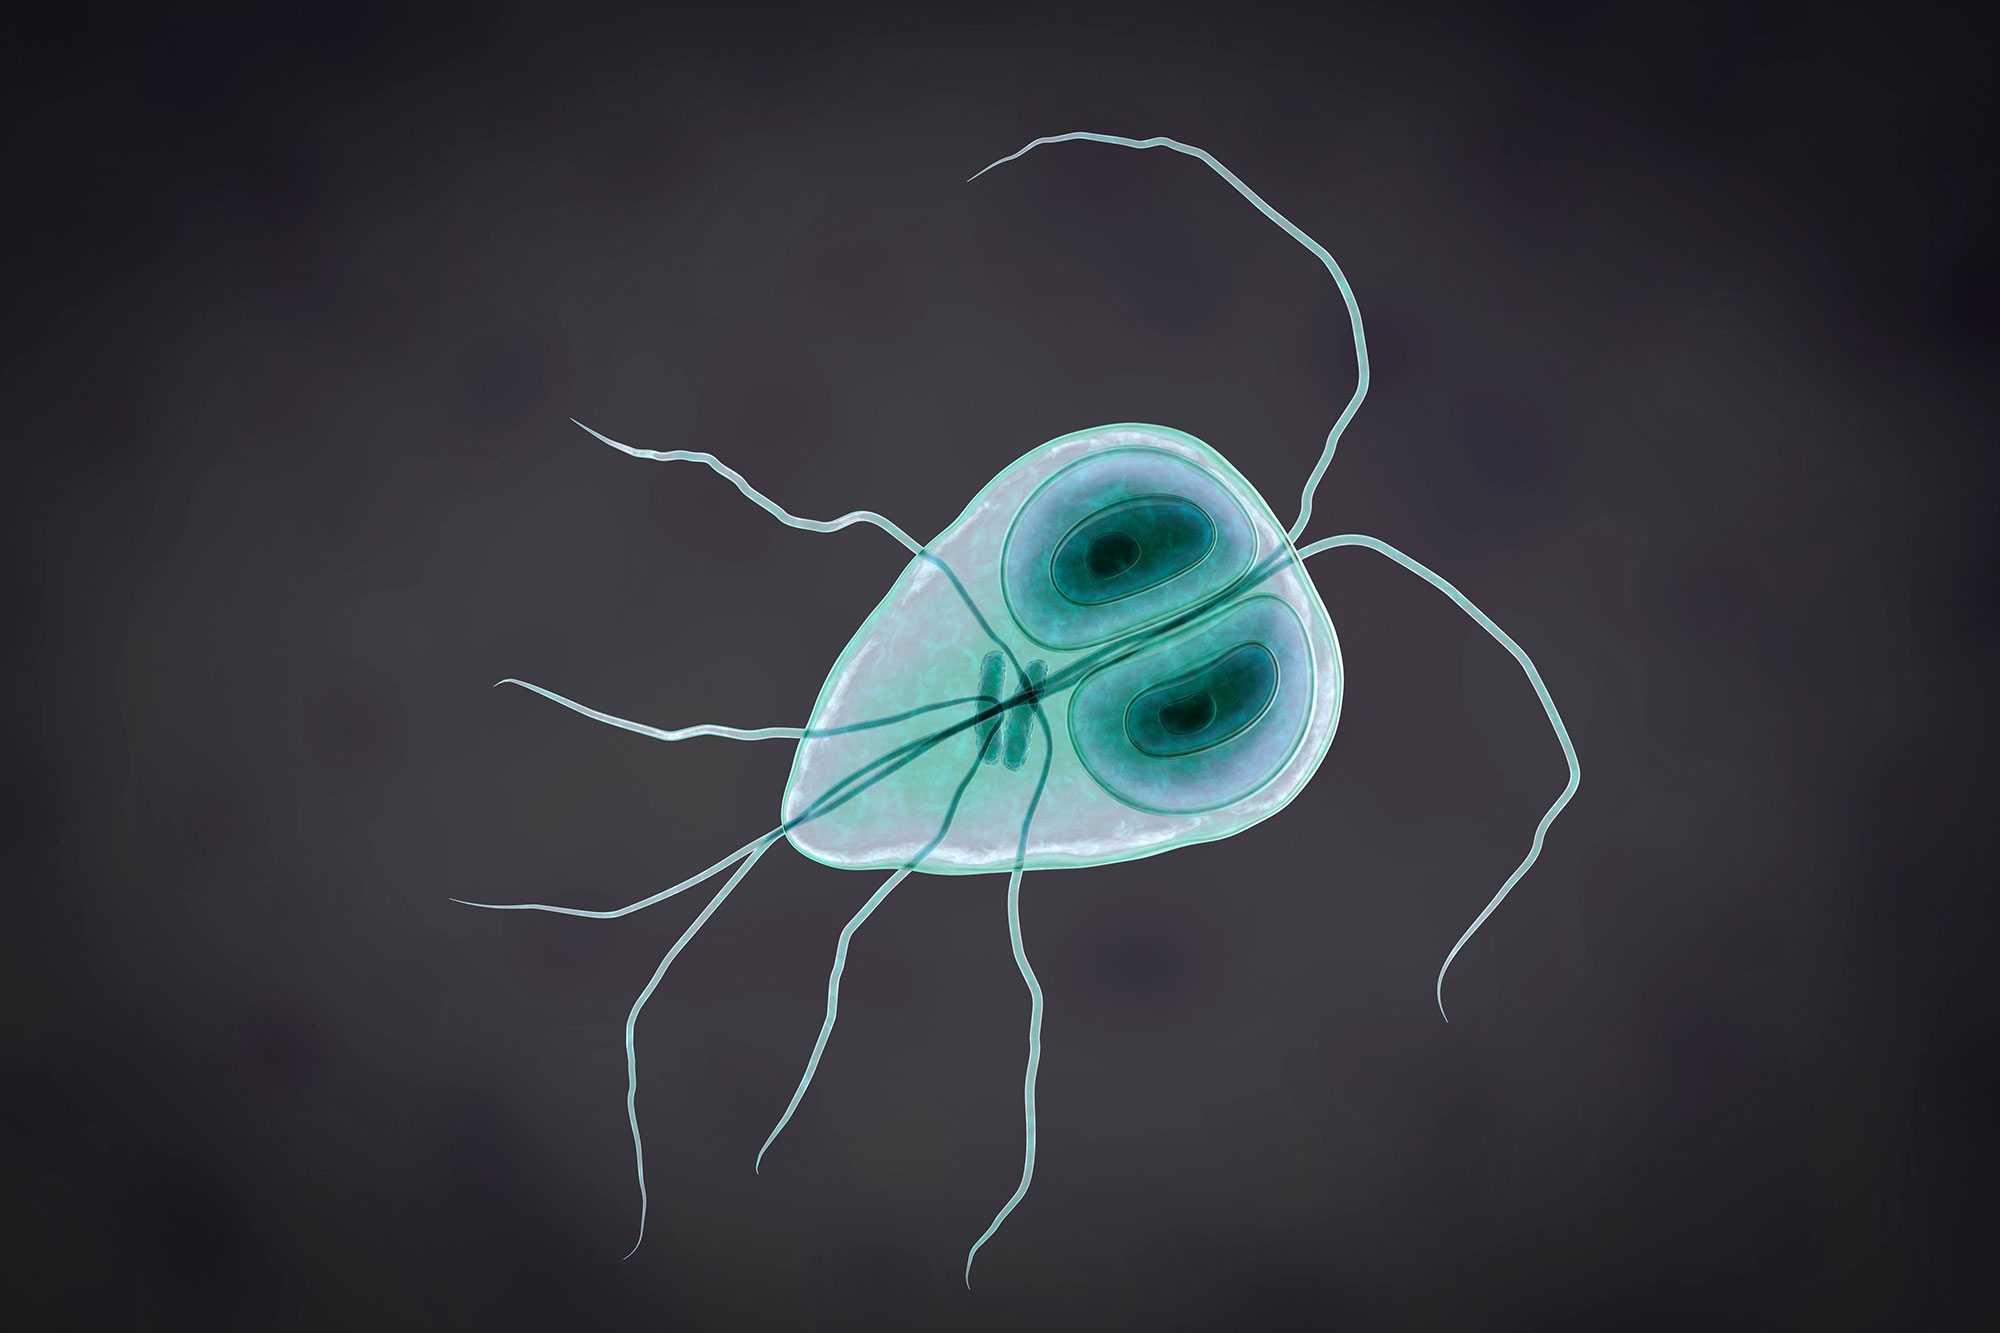 dpdx paraziták és egészség az ascaris fertőzés megelőzésének fő intézkedése